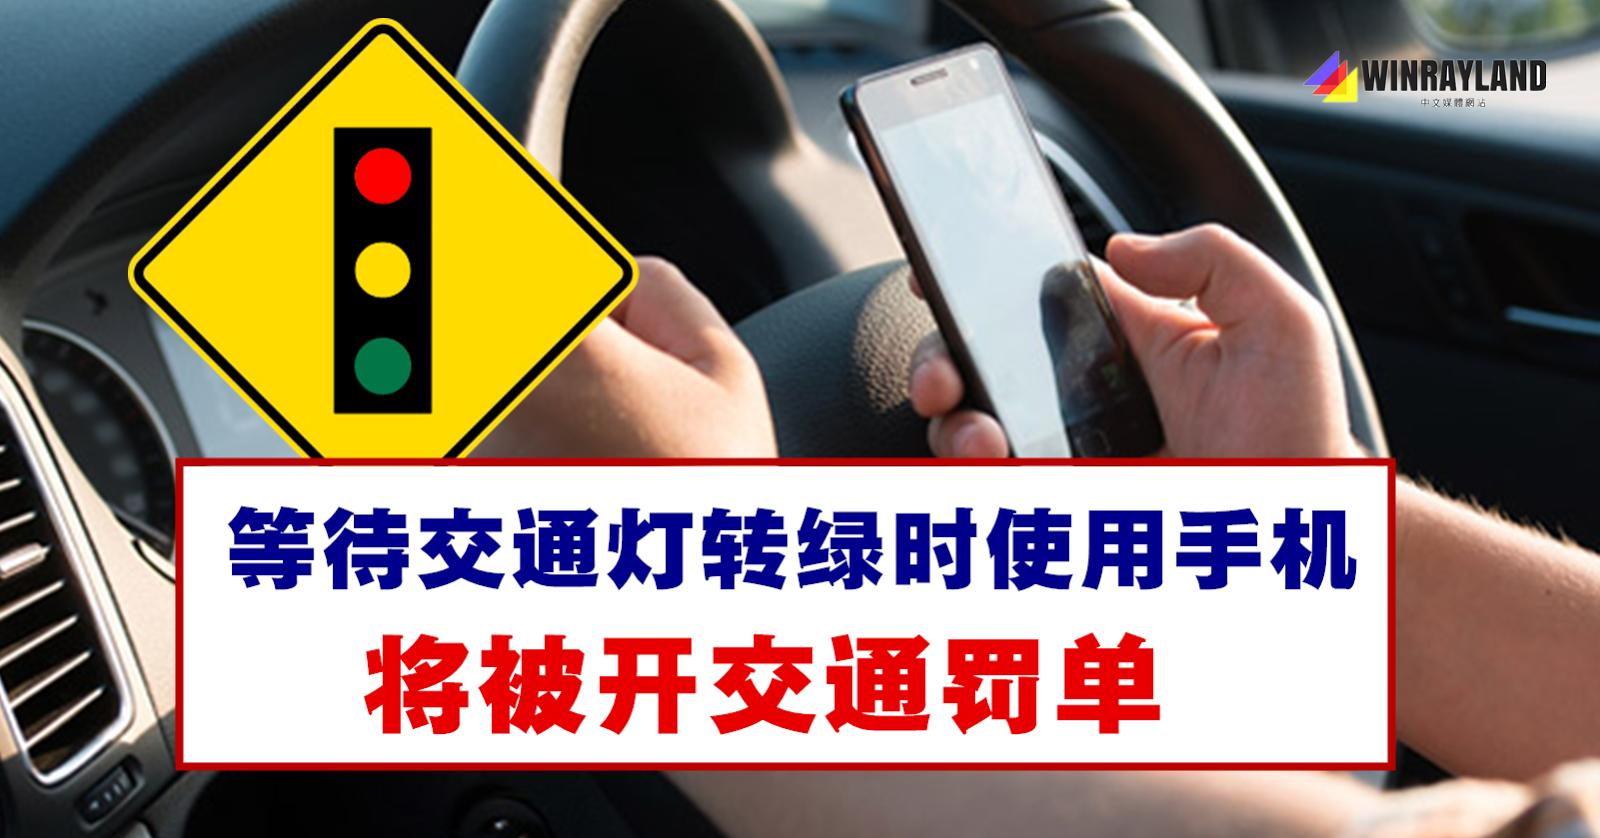 【更新】等待交通灯转绿时使用手机,将被开交通罚单